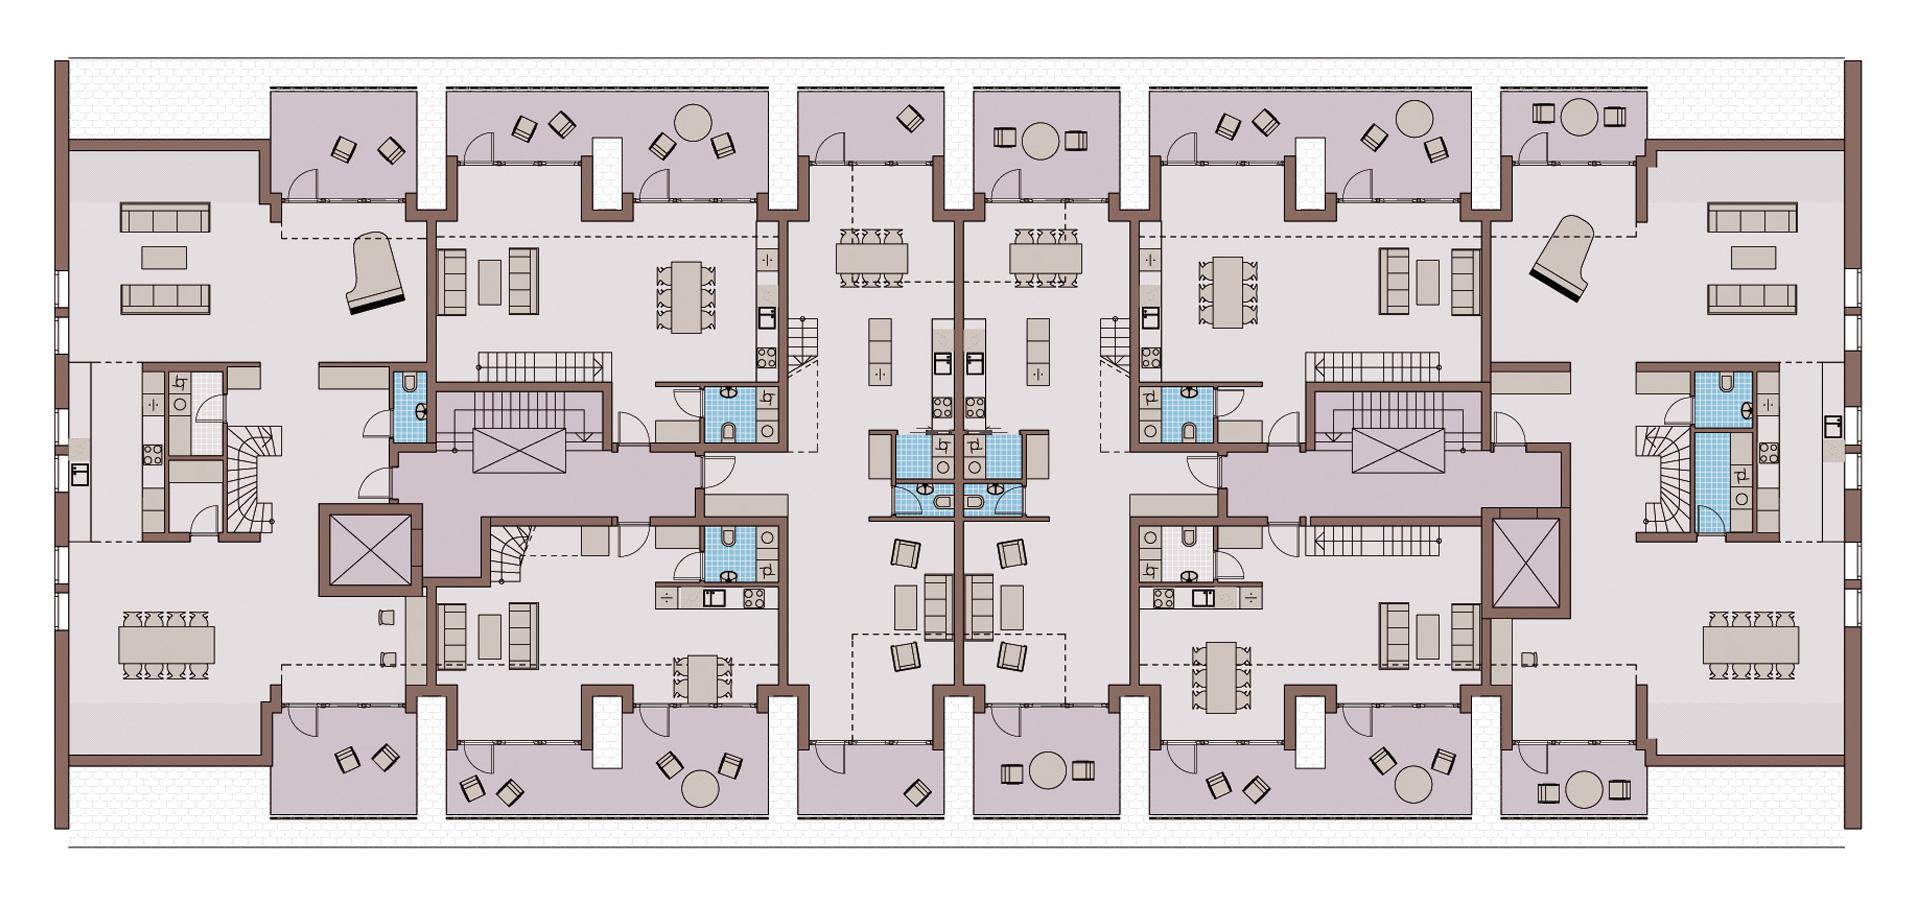 arkitektur_trondheim_hospitalslokkan_20b_ombygget_nye_boliger_leiligheter_planlosning_toppetasje_loft_loftsleiligheter